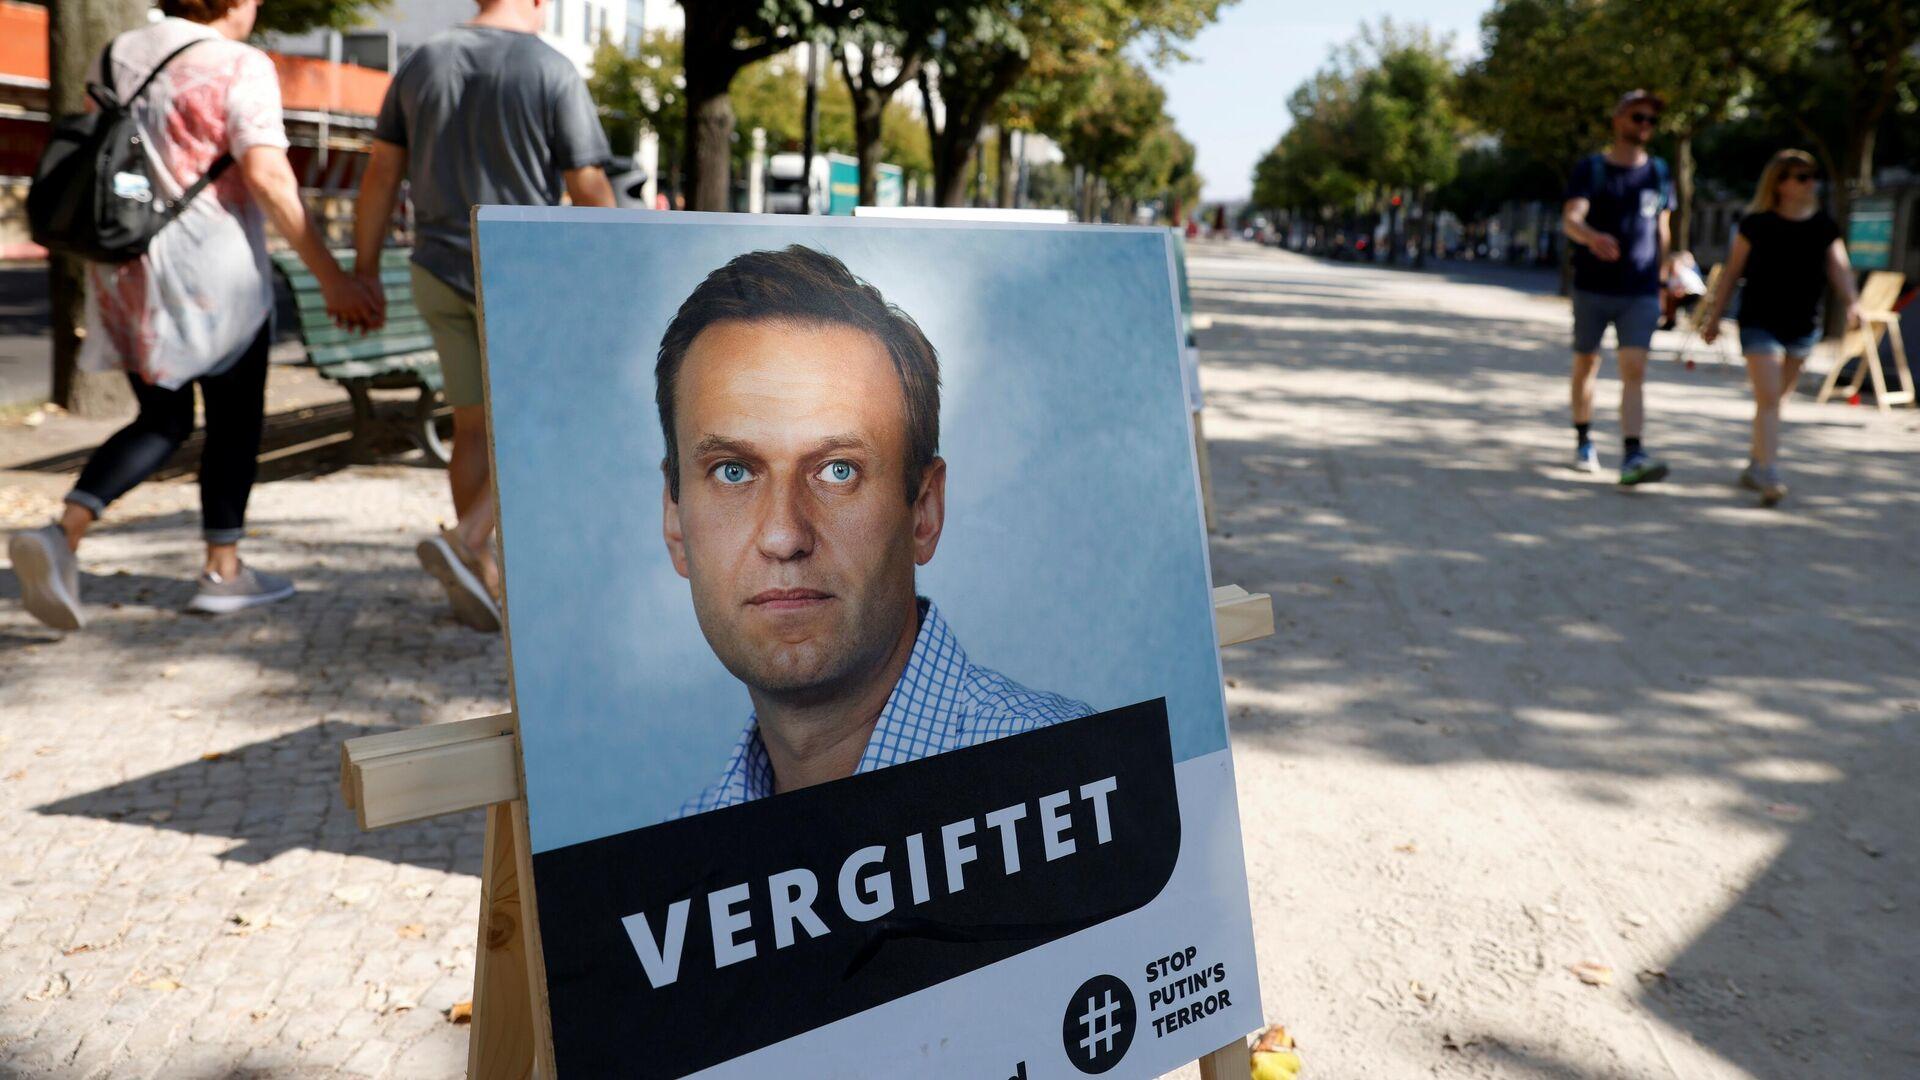 Портрет Алексея Навального с подписью отравлен у здания посольства Российской Федерации в Берлине - РИА Новости, 1920, 17.10.2020